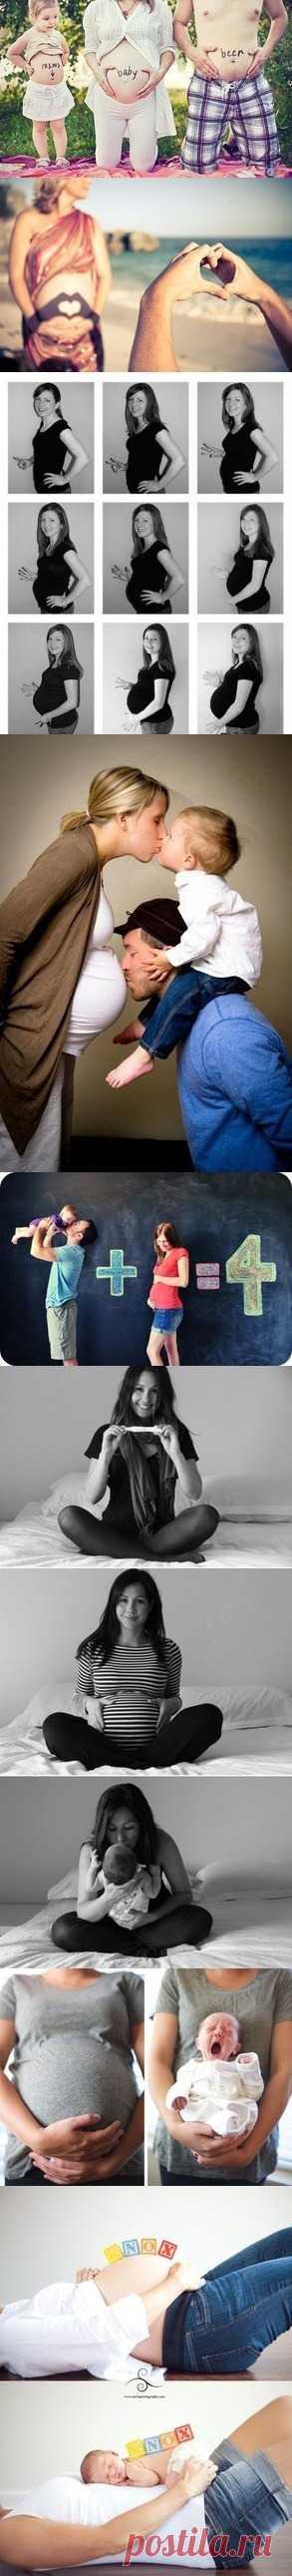 Идеи для фотосессии беременной. (Ещё есть идеи по клику на картинку).